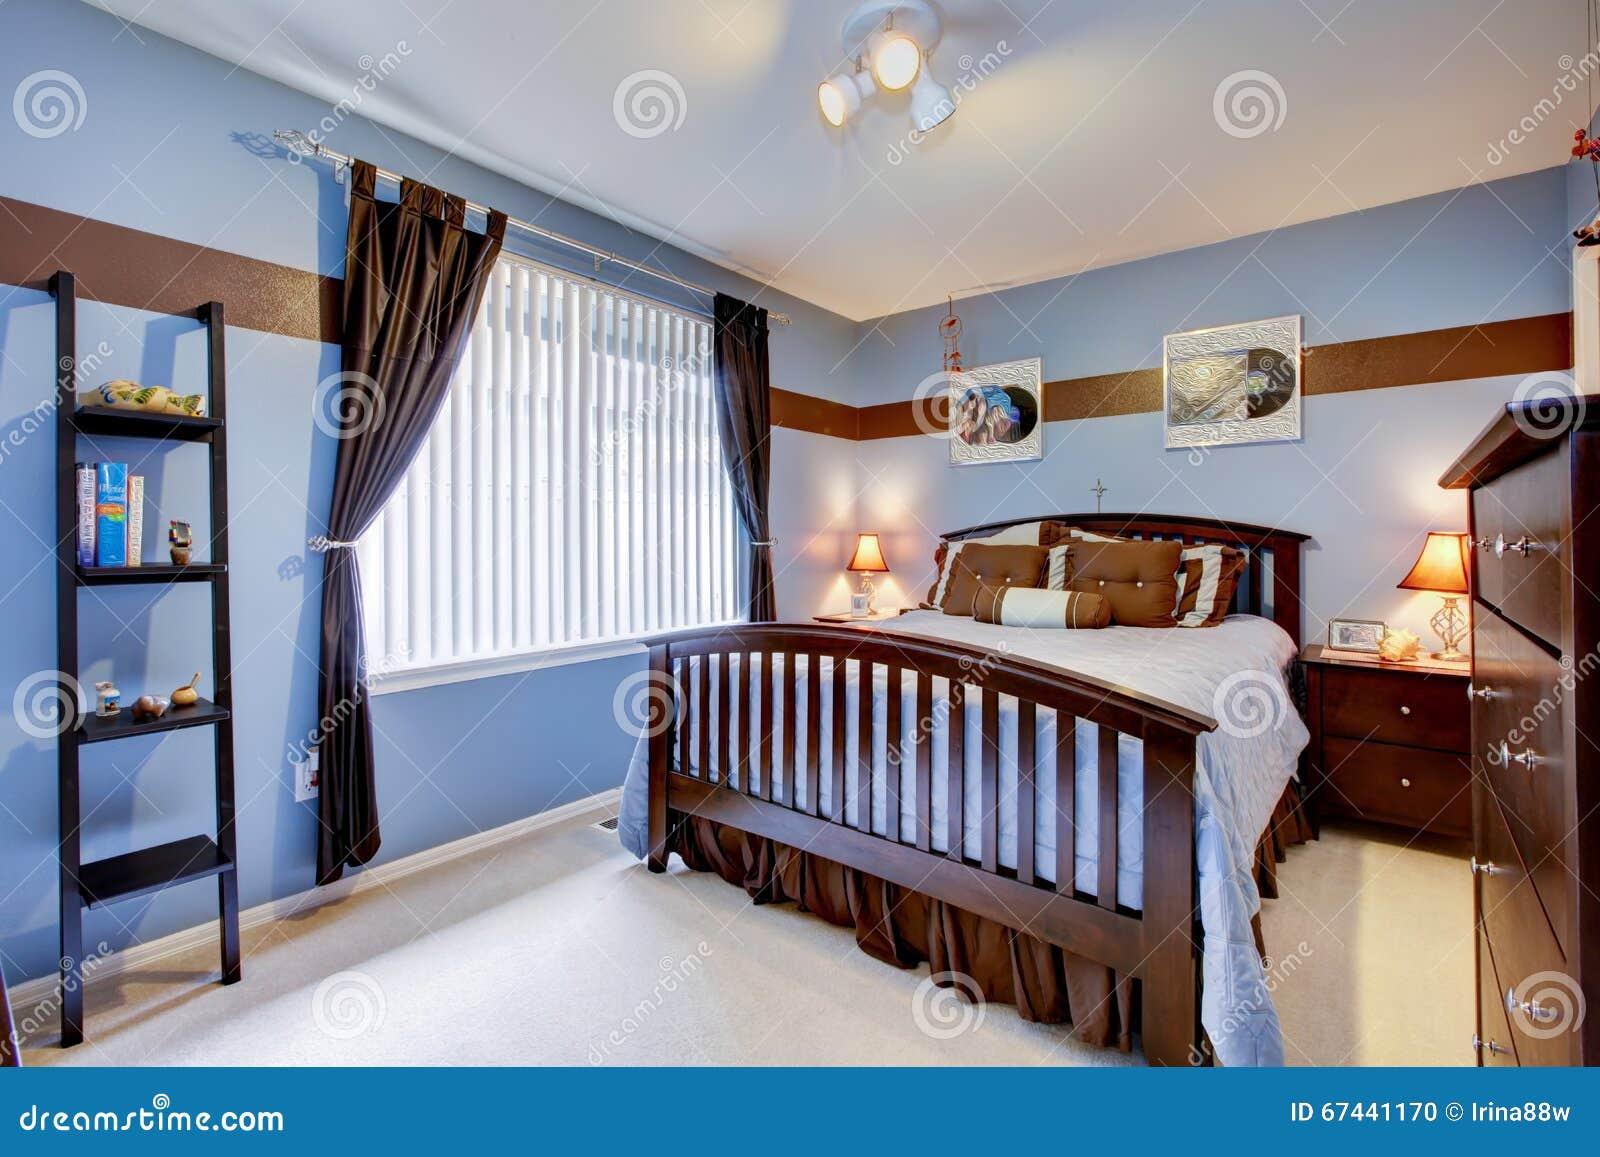 Camera Da Letto Di Colore Blu : Camera da letto di ospite con il legno interno e marrone